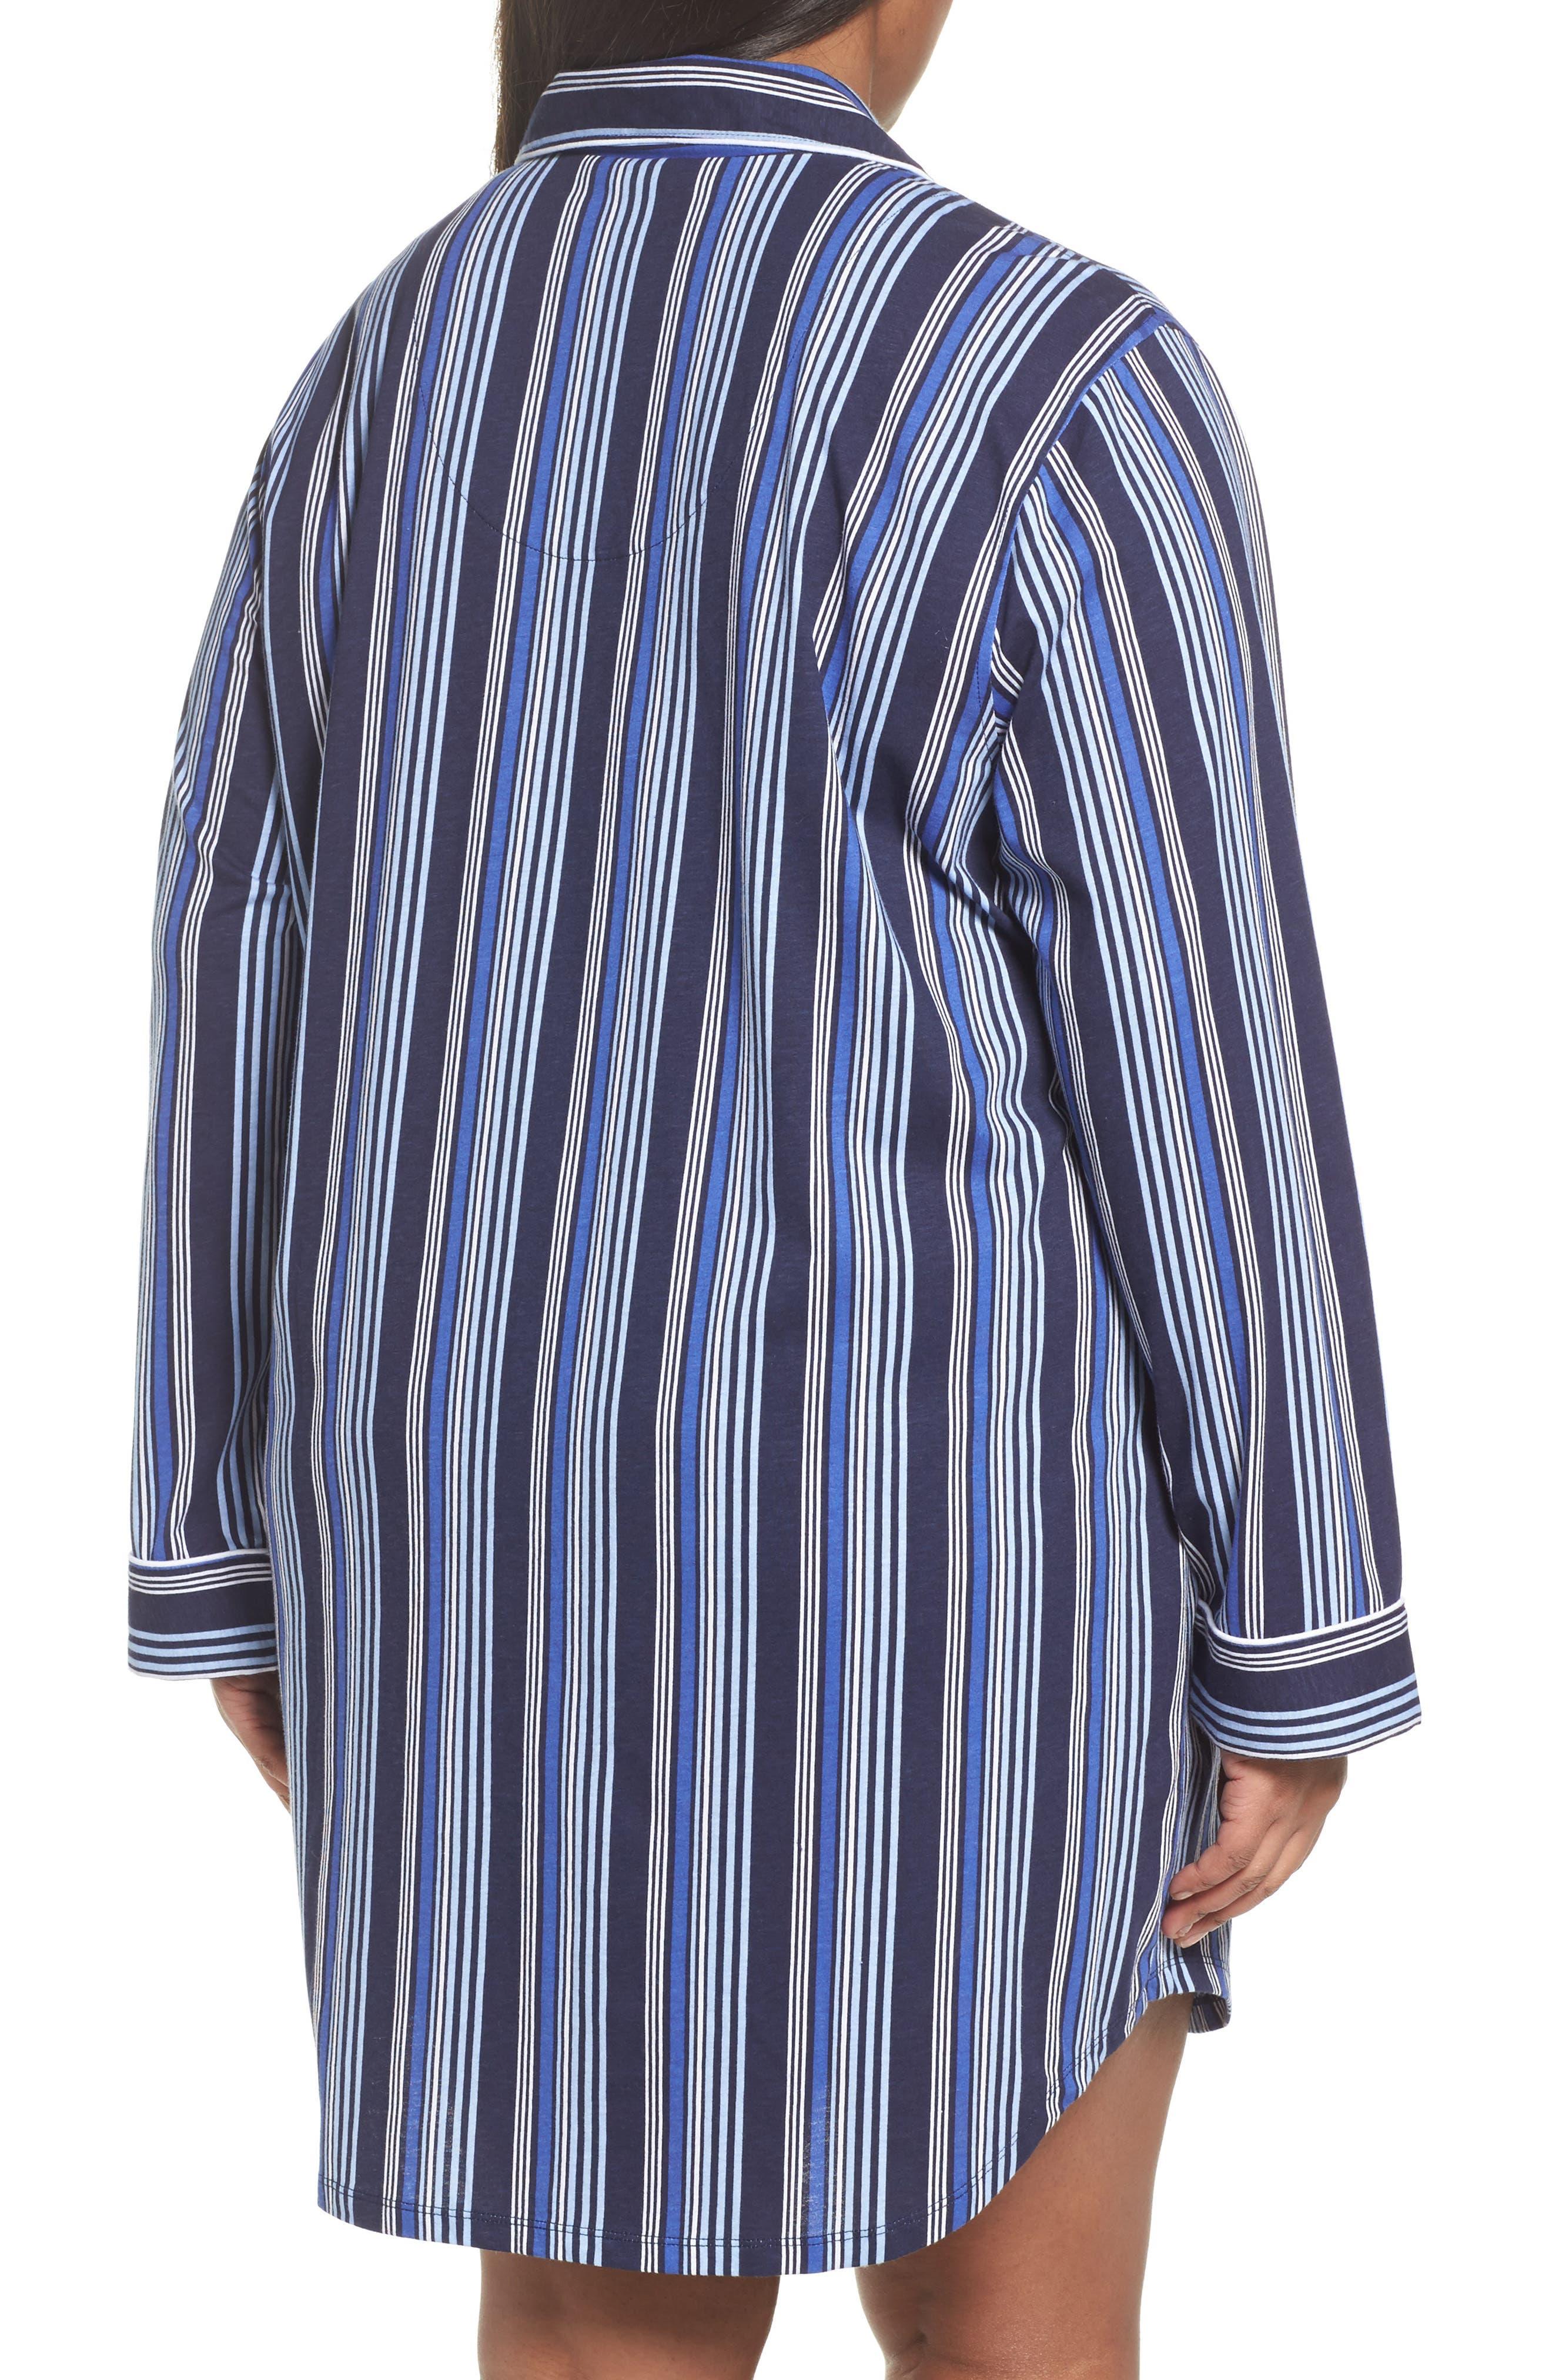 Stripe Night Shirt,                             Alternate thumbnail 2, color,